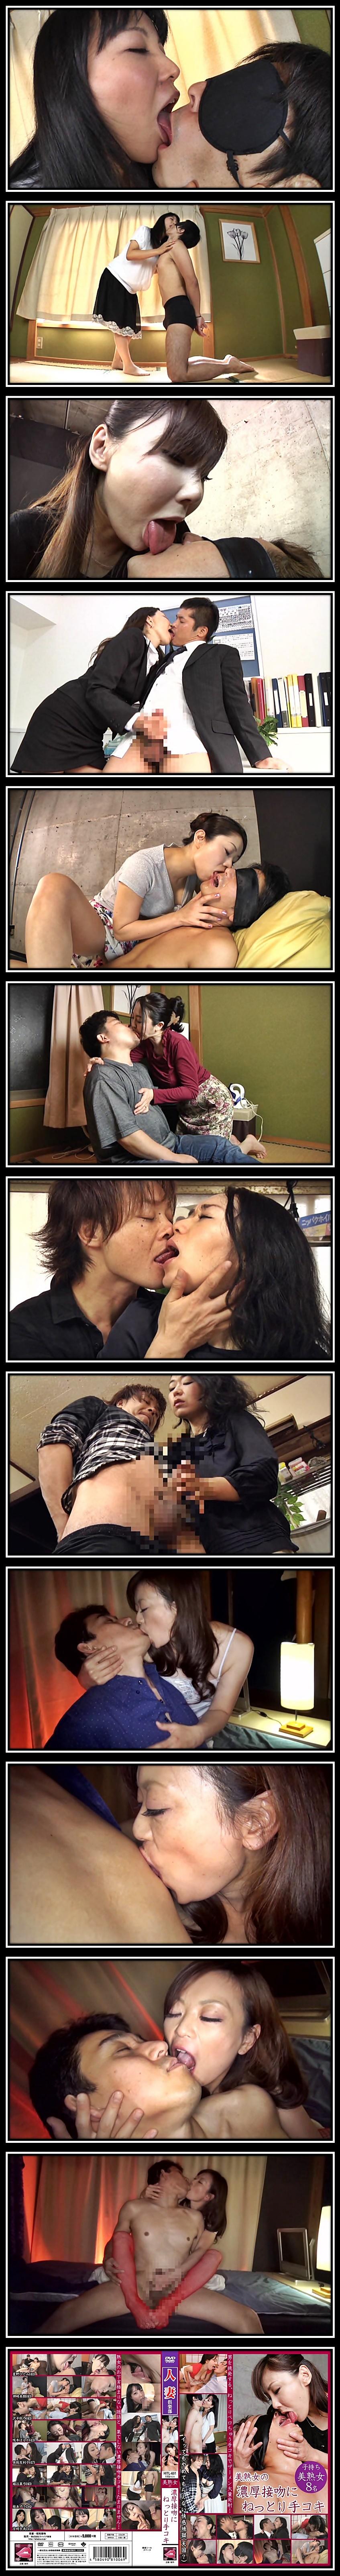 美熟女ねっとり接吻13選